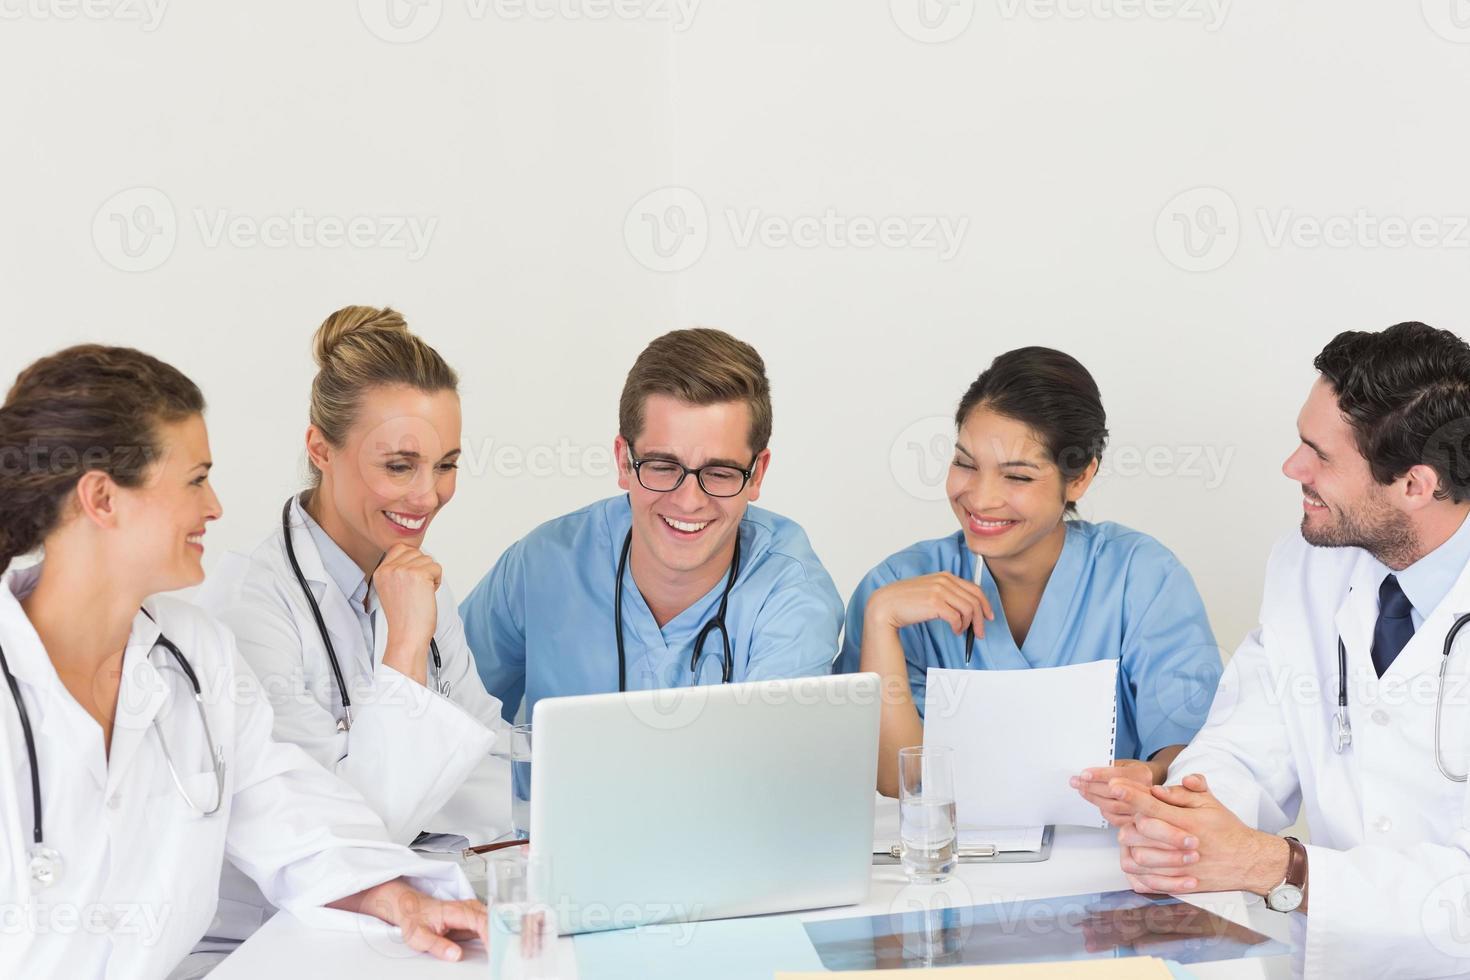 équipe médicale discutant sur ordinateur portable photo